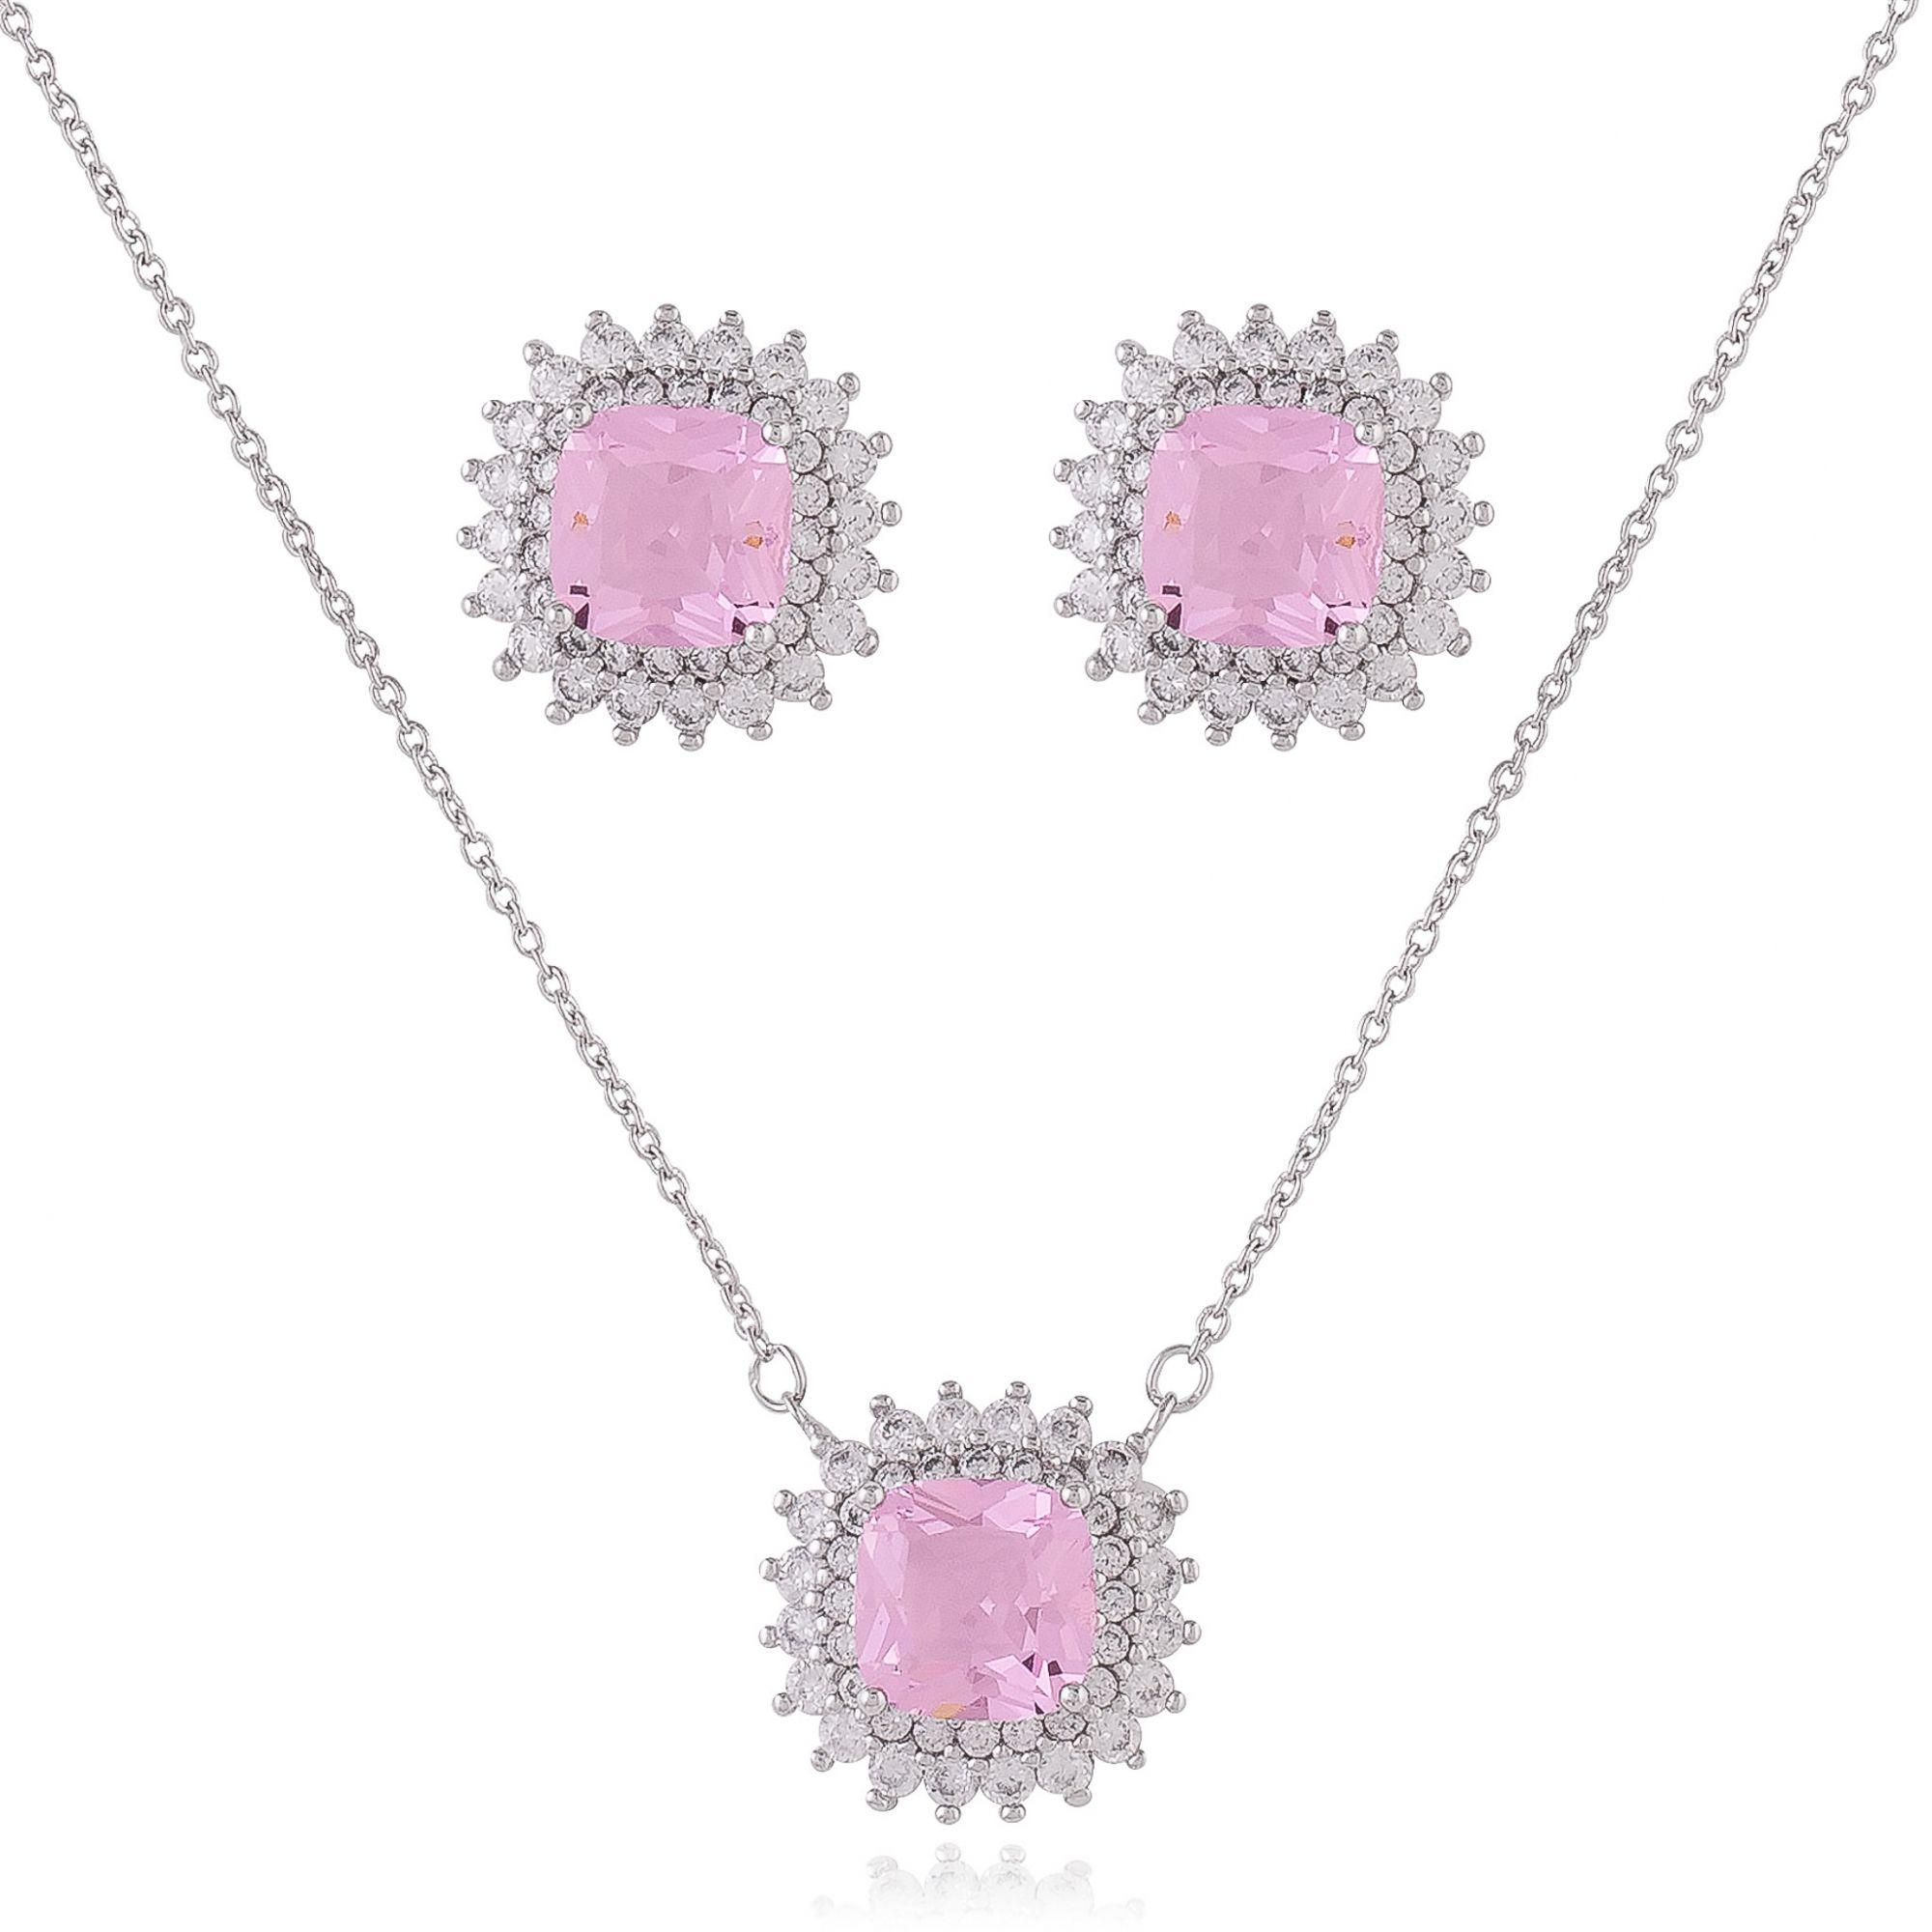 Conjunto com zircônias cristais e cor de rosa banho de ródio branco.  - romabrazil.com.br